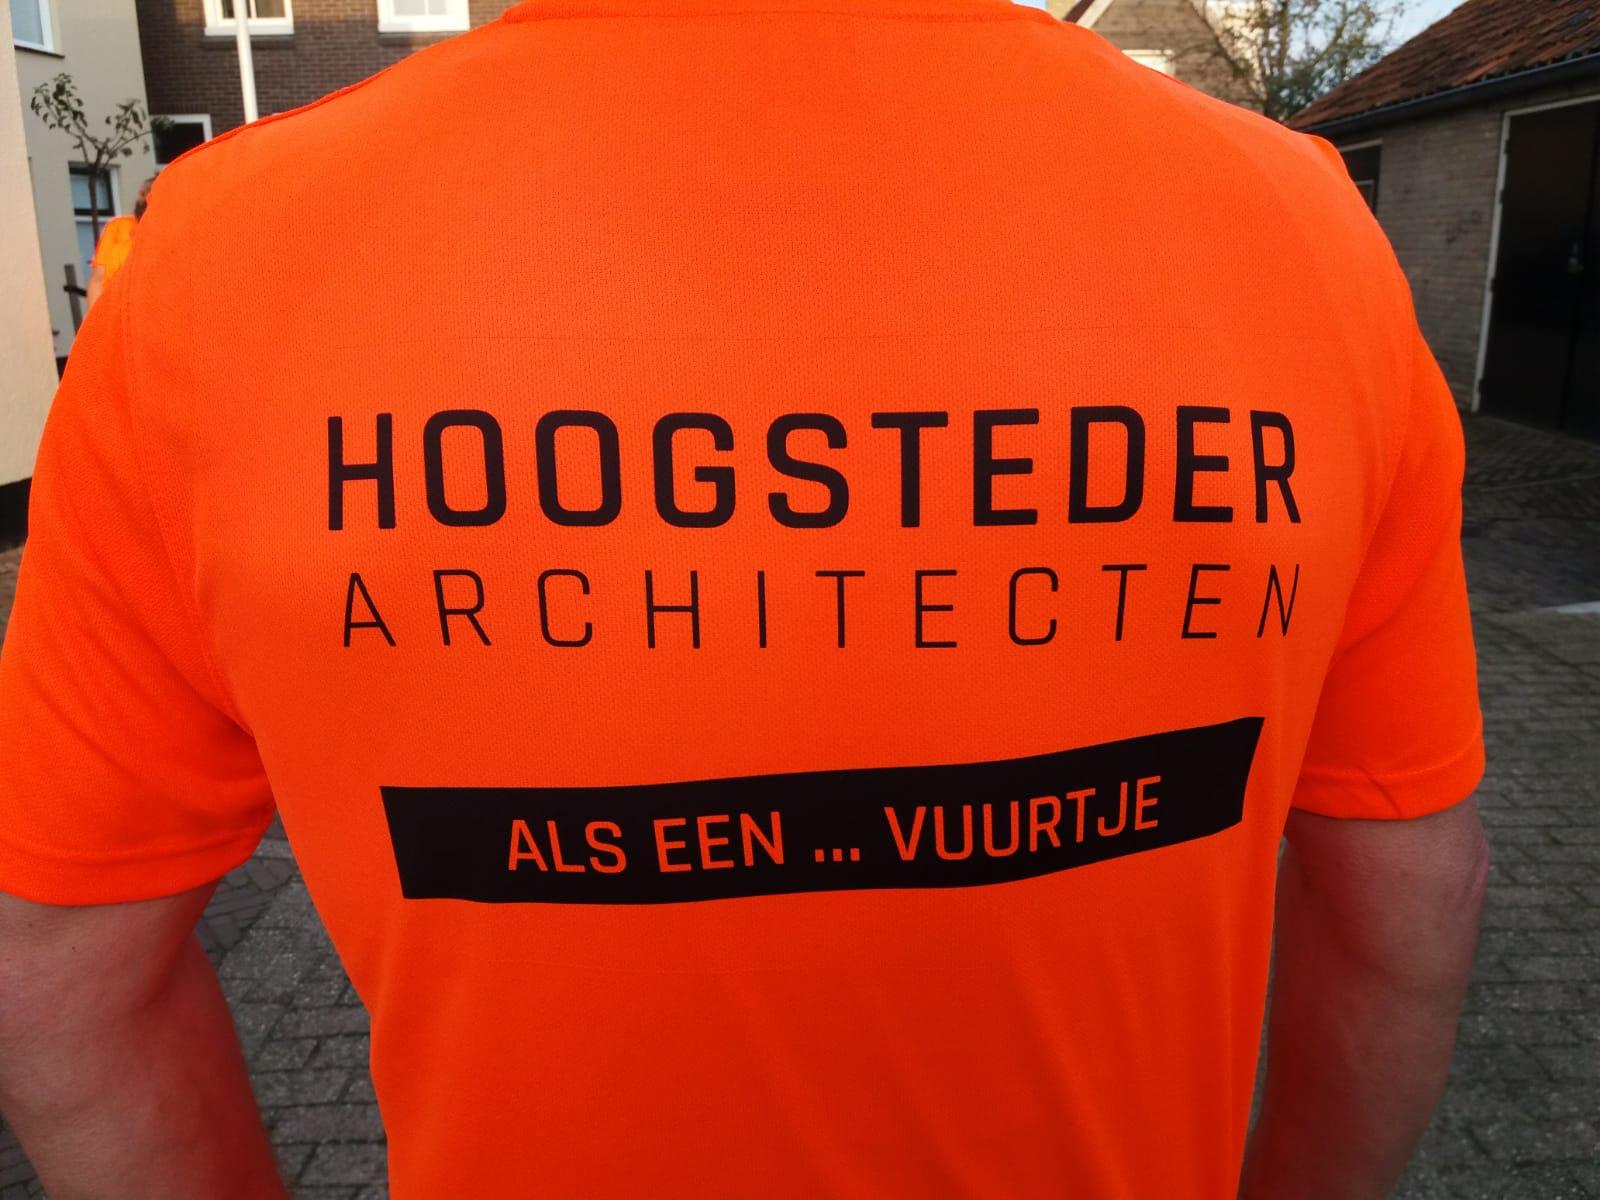 Architectenbureau Hoogsteder architecten te Raalte doet mee aan de Berenloop Terschelling. Een sportief architectenbureau. Wij ontwerpen een thuis. Moderne schuurwoningen moderne nieuwbouwwoningen en villa's, maar ook jaren 30 woningen en rietgedekte woningen door heel Nederland.